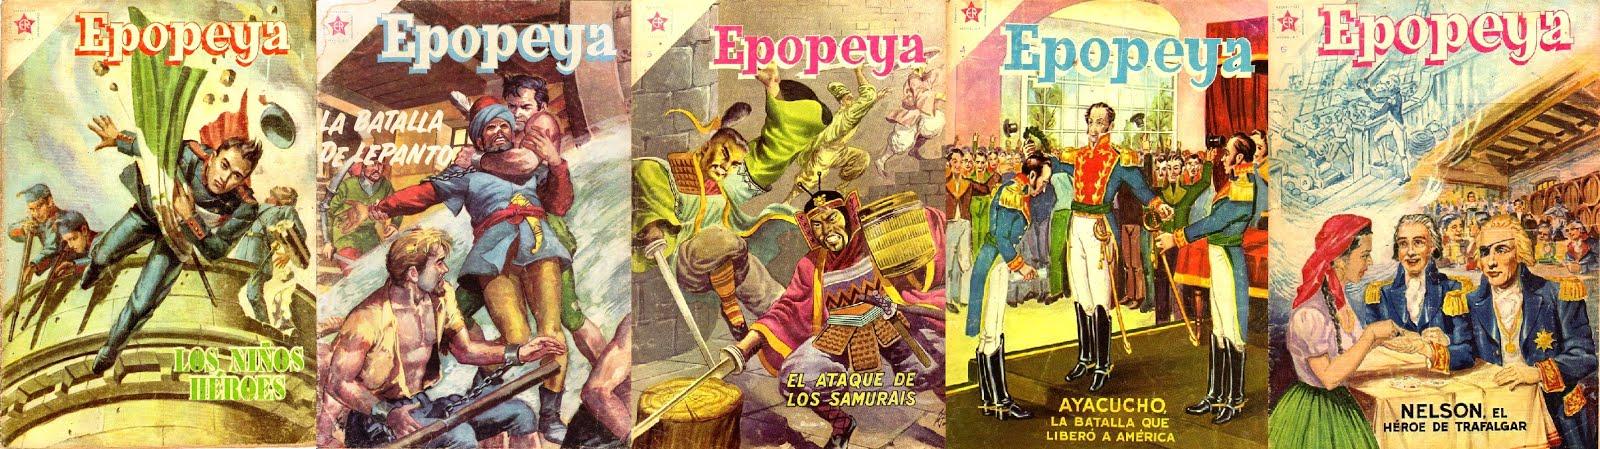 Epopeya Novaro - Colección Completa - 230 Números + especiales + Librocomic